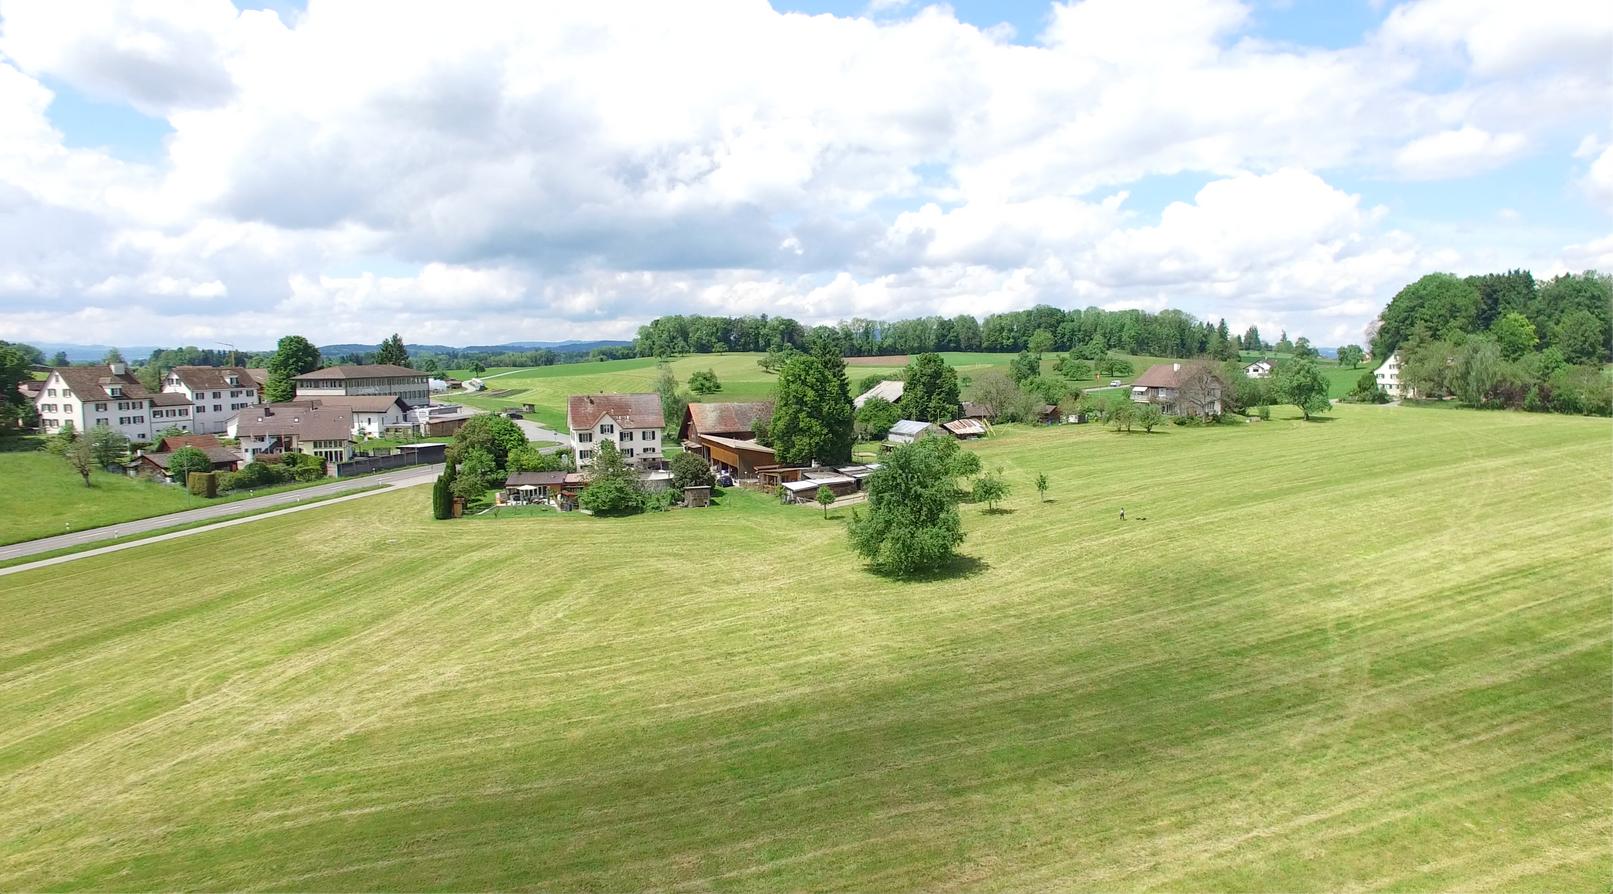 Blickrichtung Westen, Höfe und Siedlungsgebiet der Brach